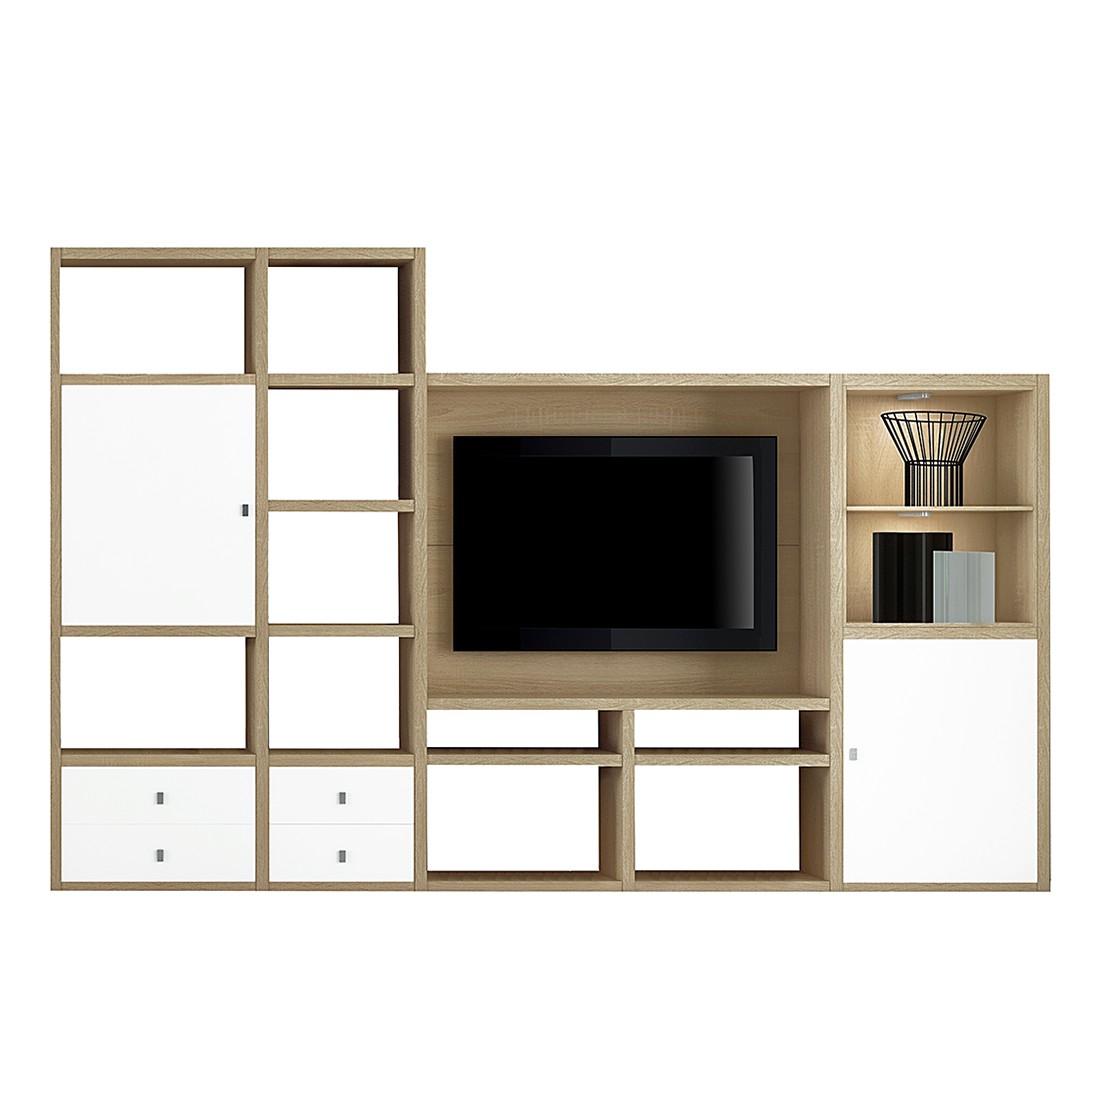 EEK A+, TV-Wand Emporior II - inkl. Beleuchtung - Weiß / Eiche Dekor, loftscape